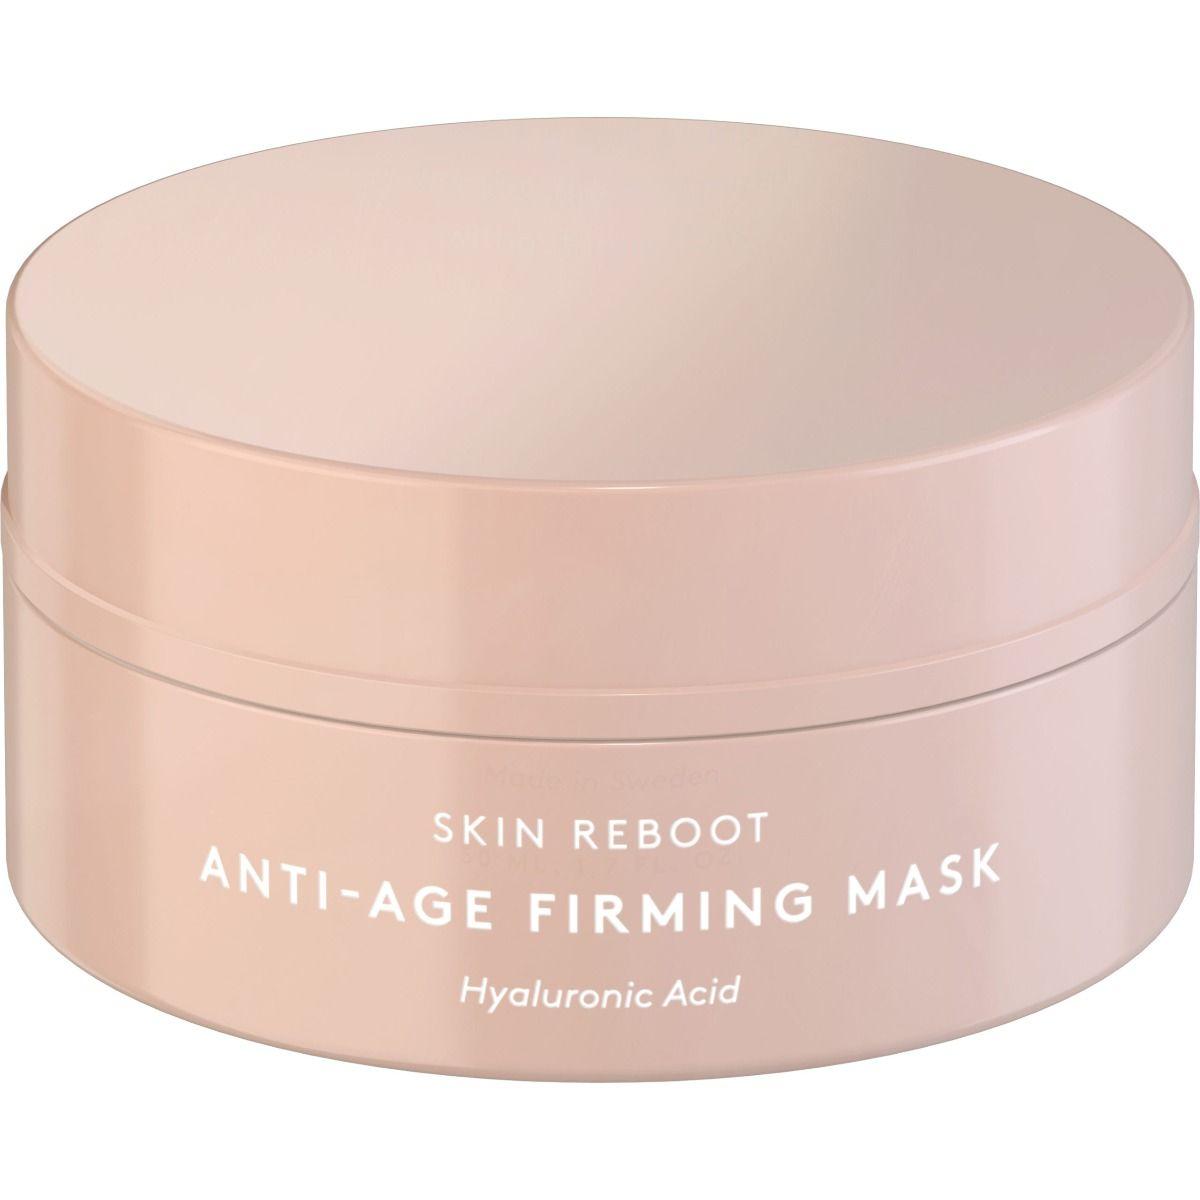 Löwengrip Skin Reboot Anti-Age Firmning Mask 50ml